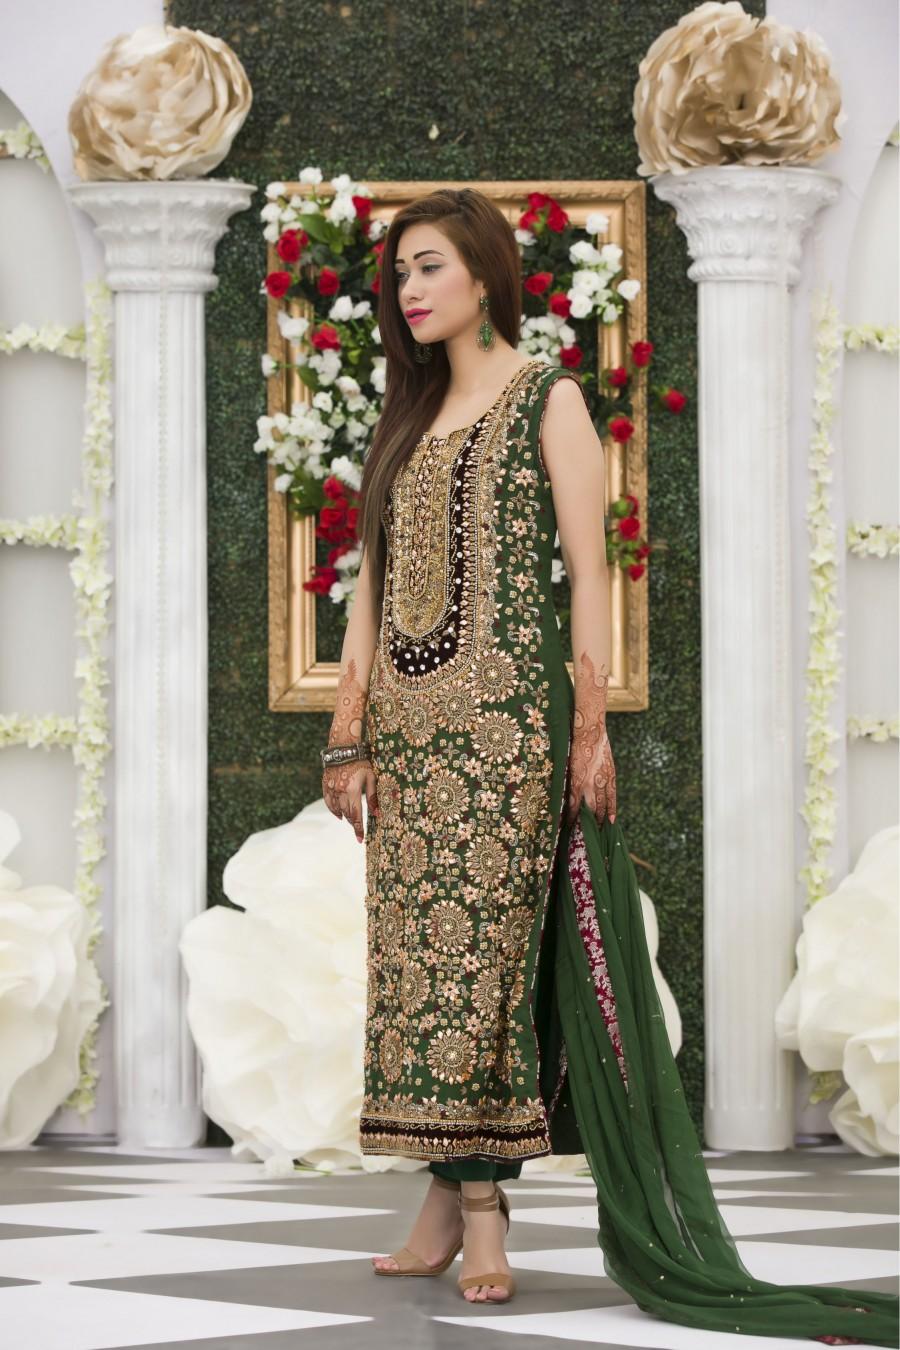 Exclusive bottle green bridal dress exclusive online boutique pakistani wedding dresses pakistani wedding dresses ombrellifo Images